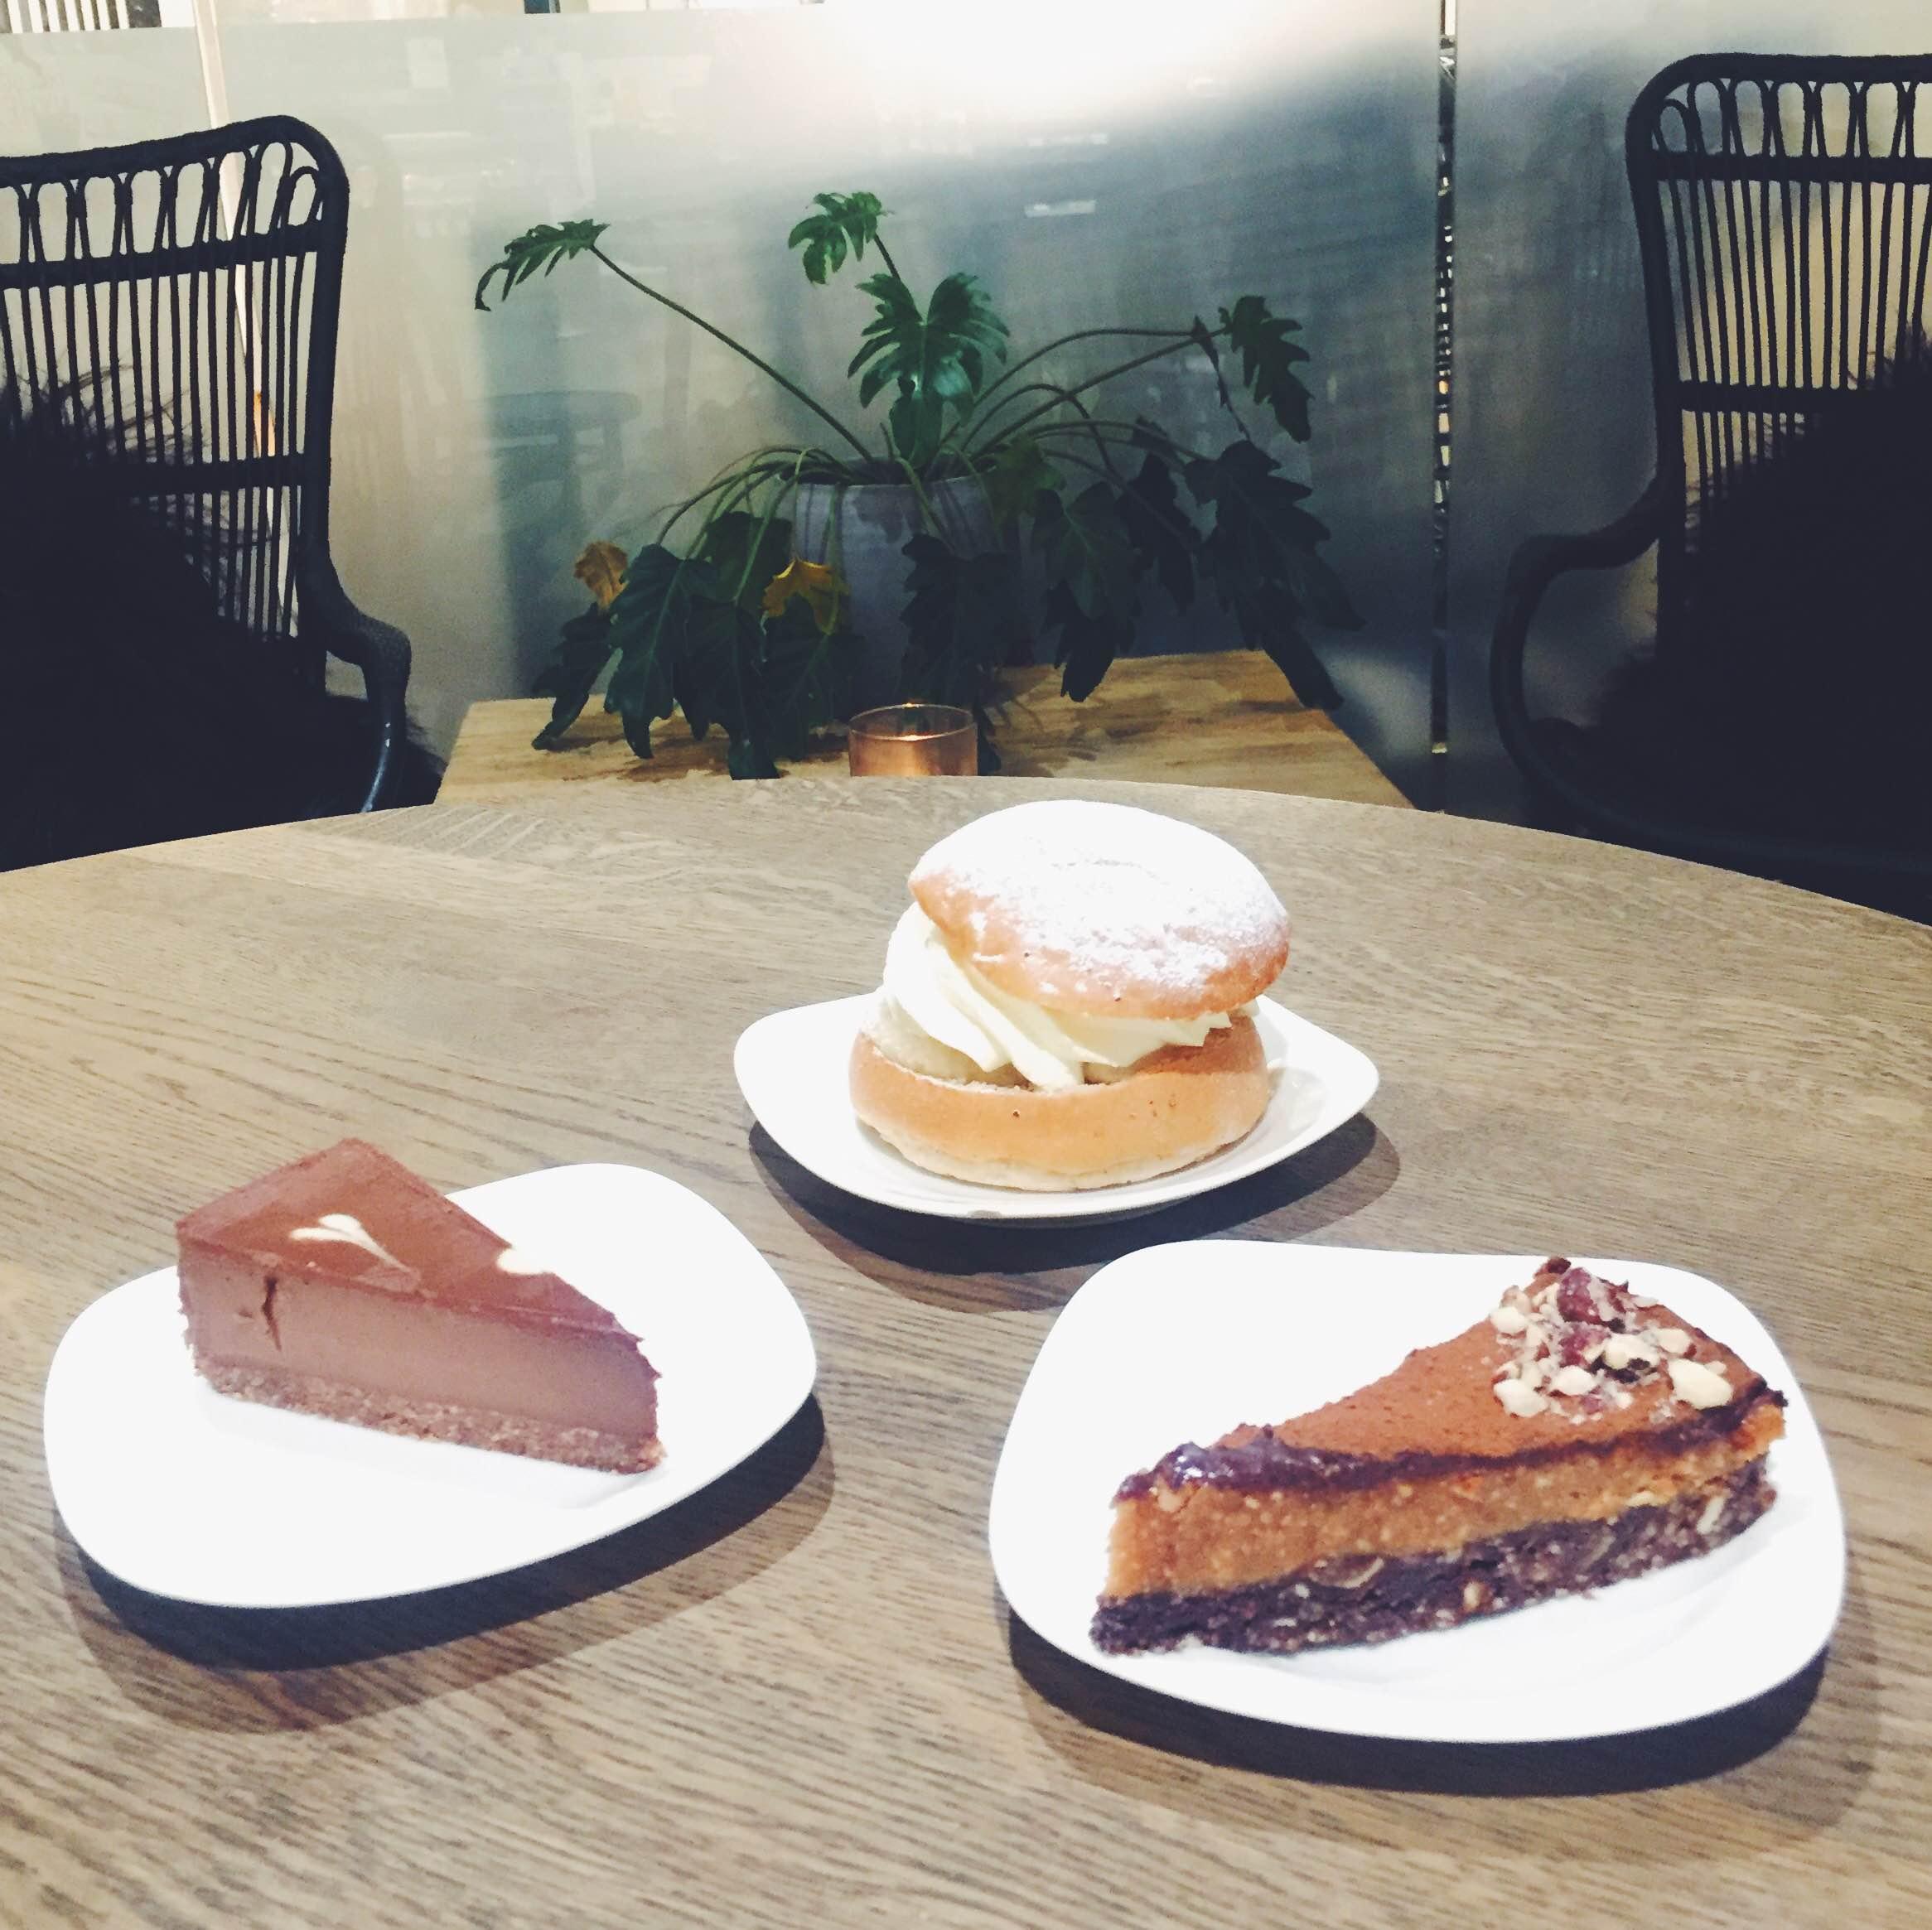 Snickerskage, moccakage, semlor hos Green Matmarknad i Malmø. Raw og med planter i indretning